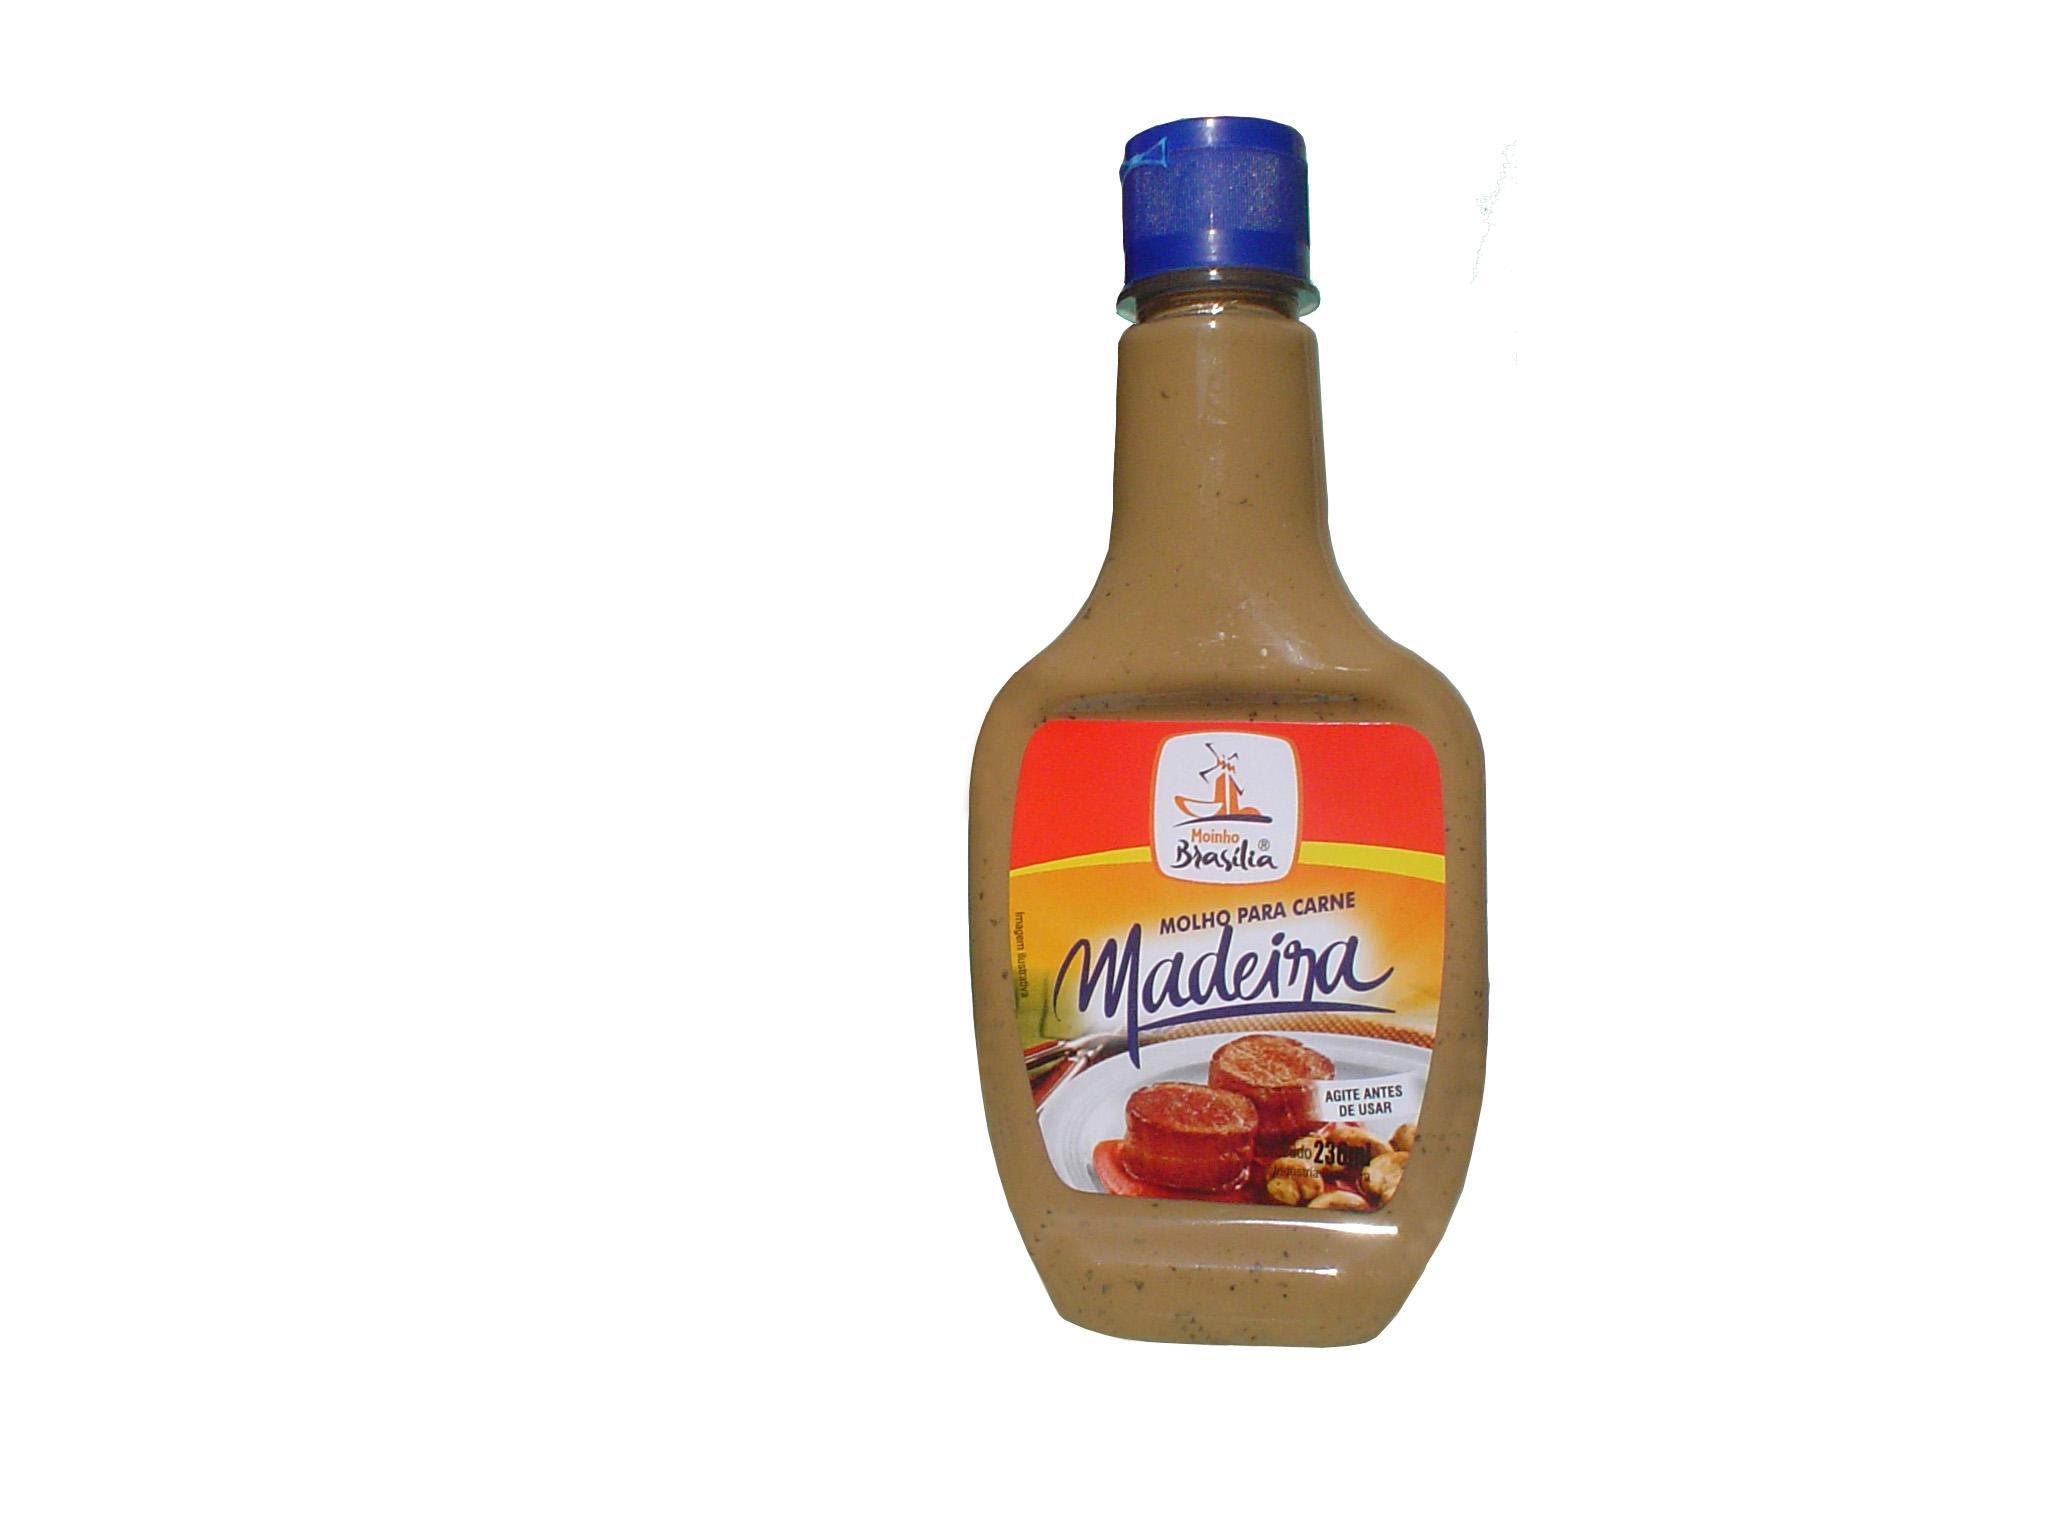 Cod.405-Molho para  carne sabor  madeira 236ml